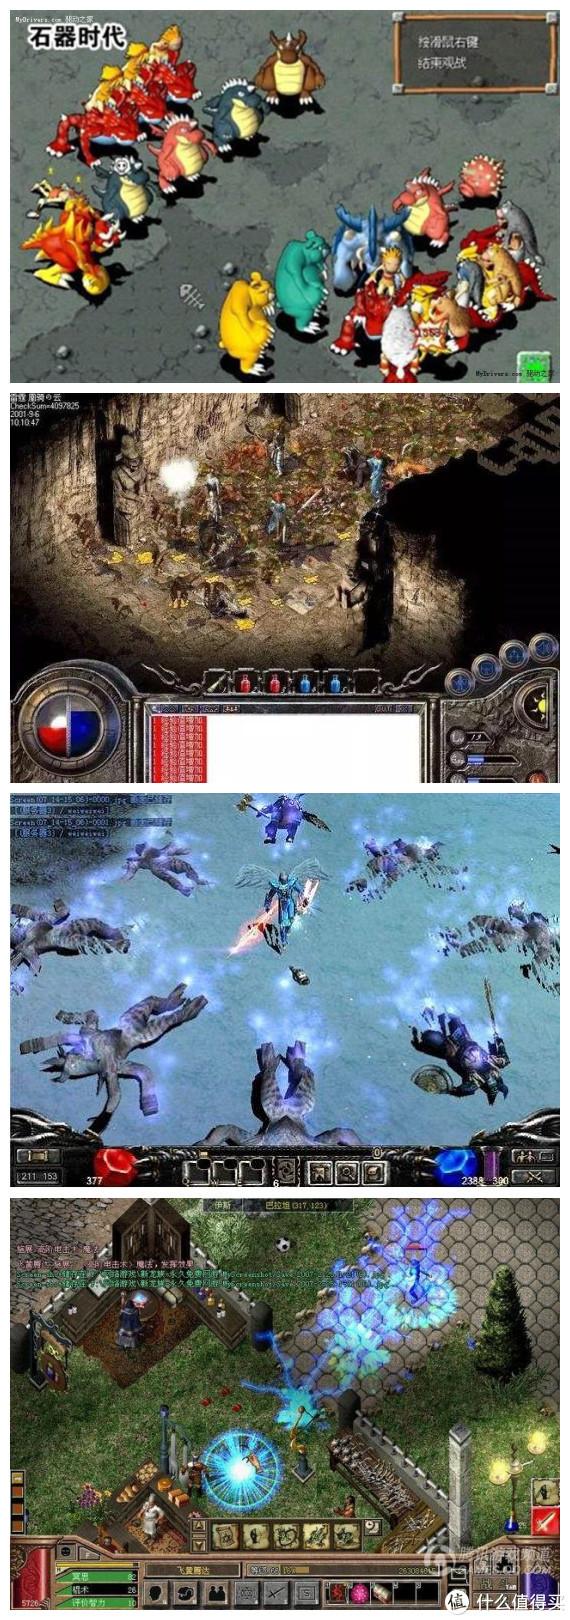 我玩过的四款网络游戏:从上至下石器时代-传奇-MU-龙族